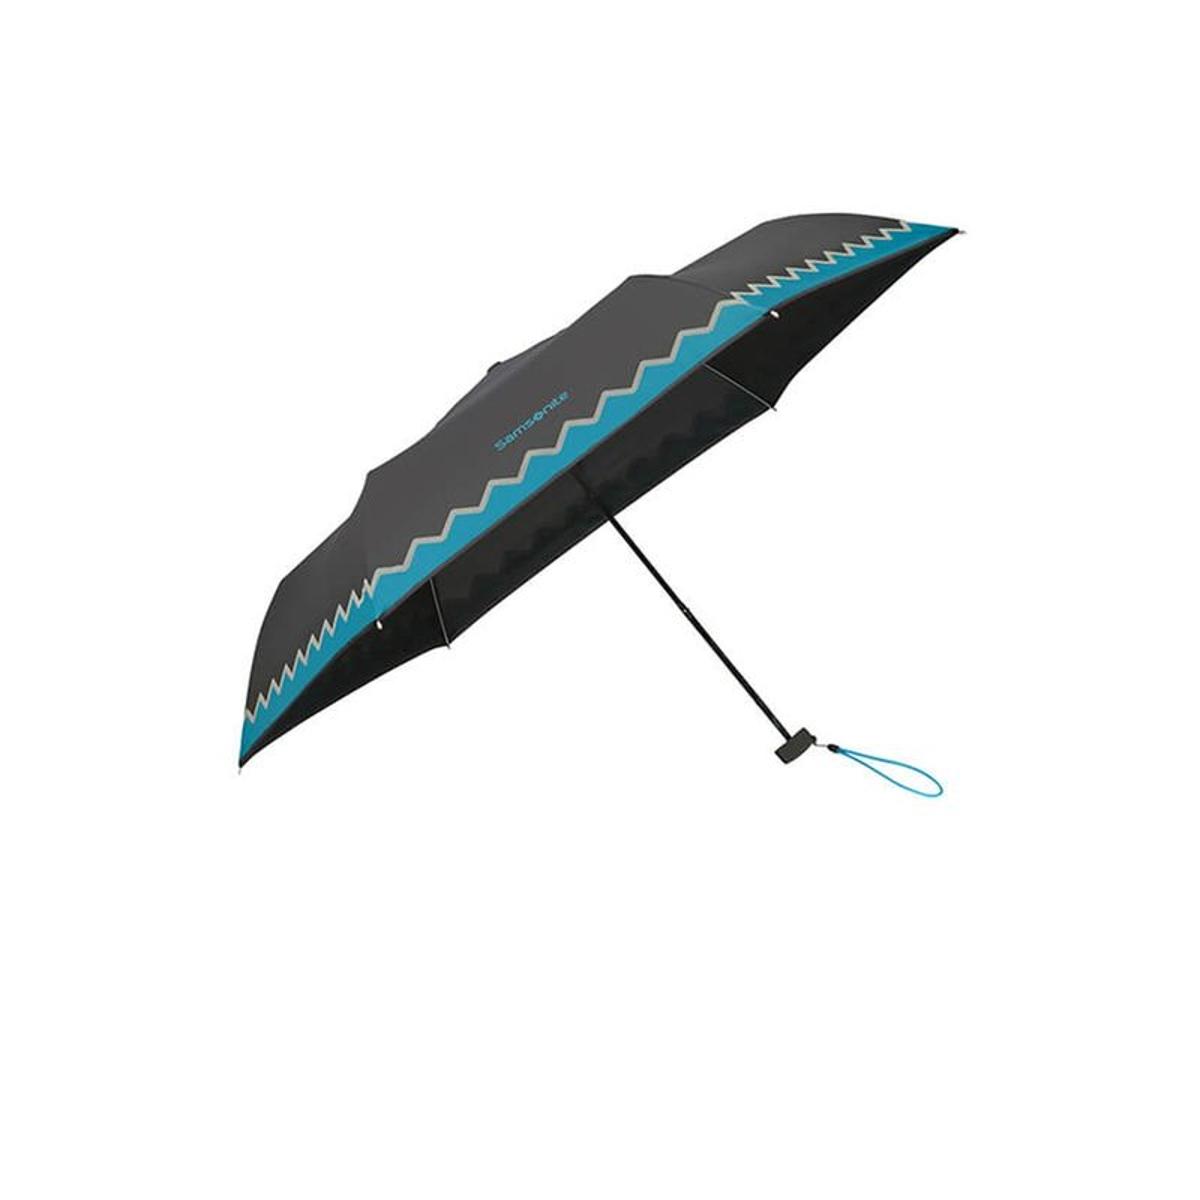 Parapluie détails réfléchissants C COLLECTION